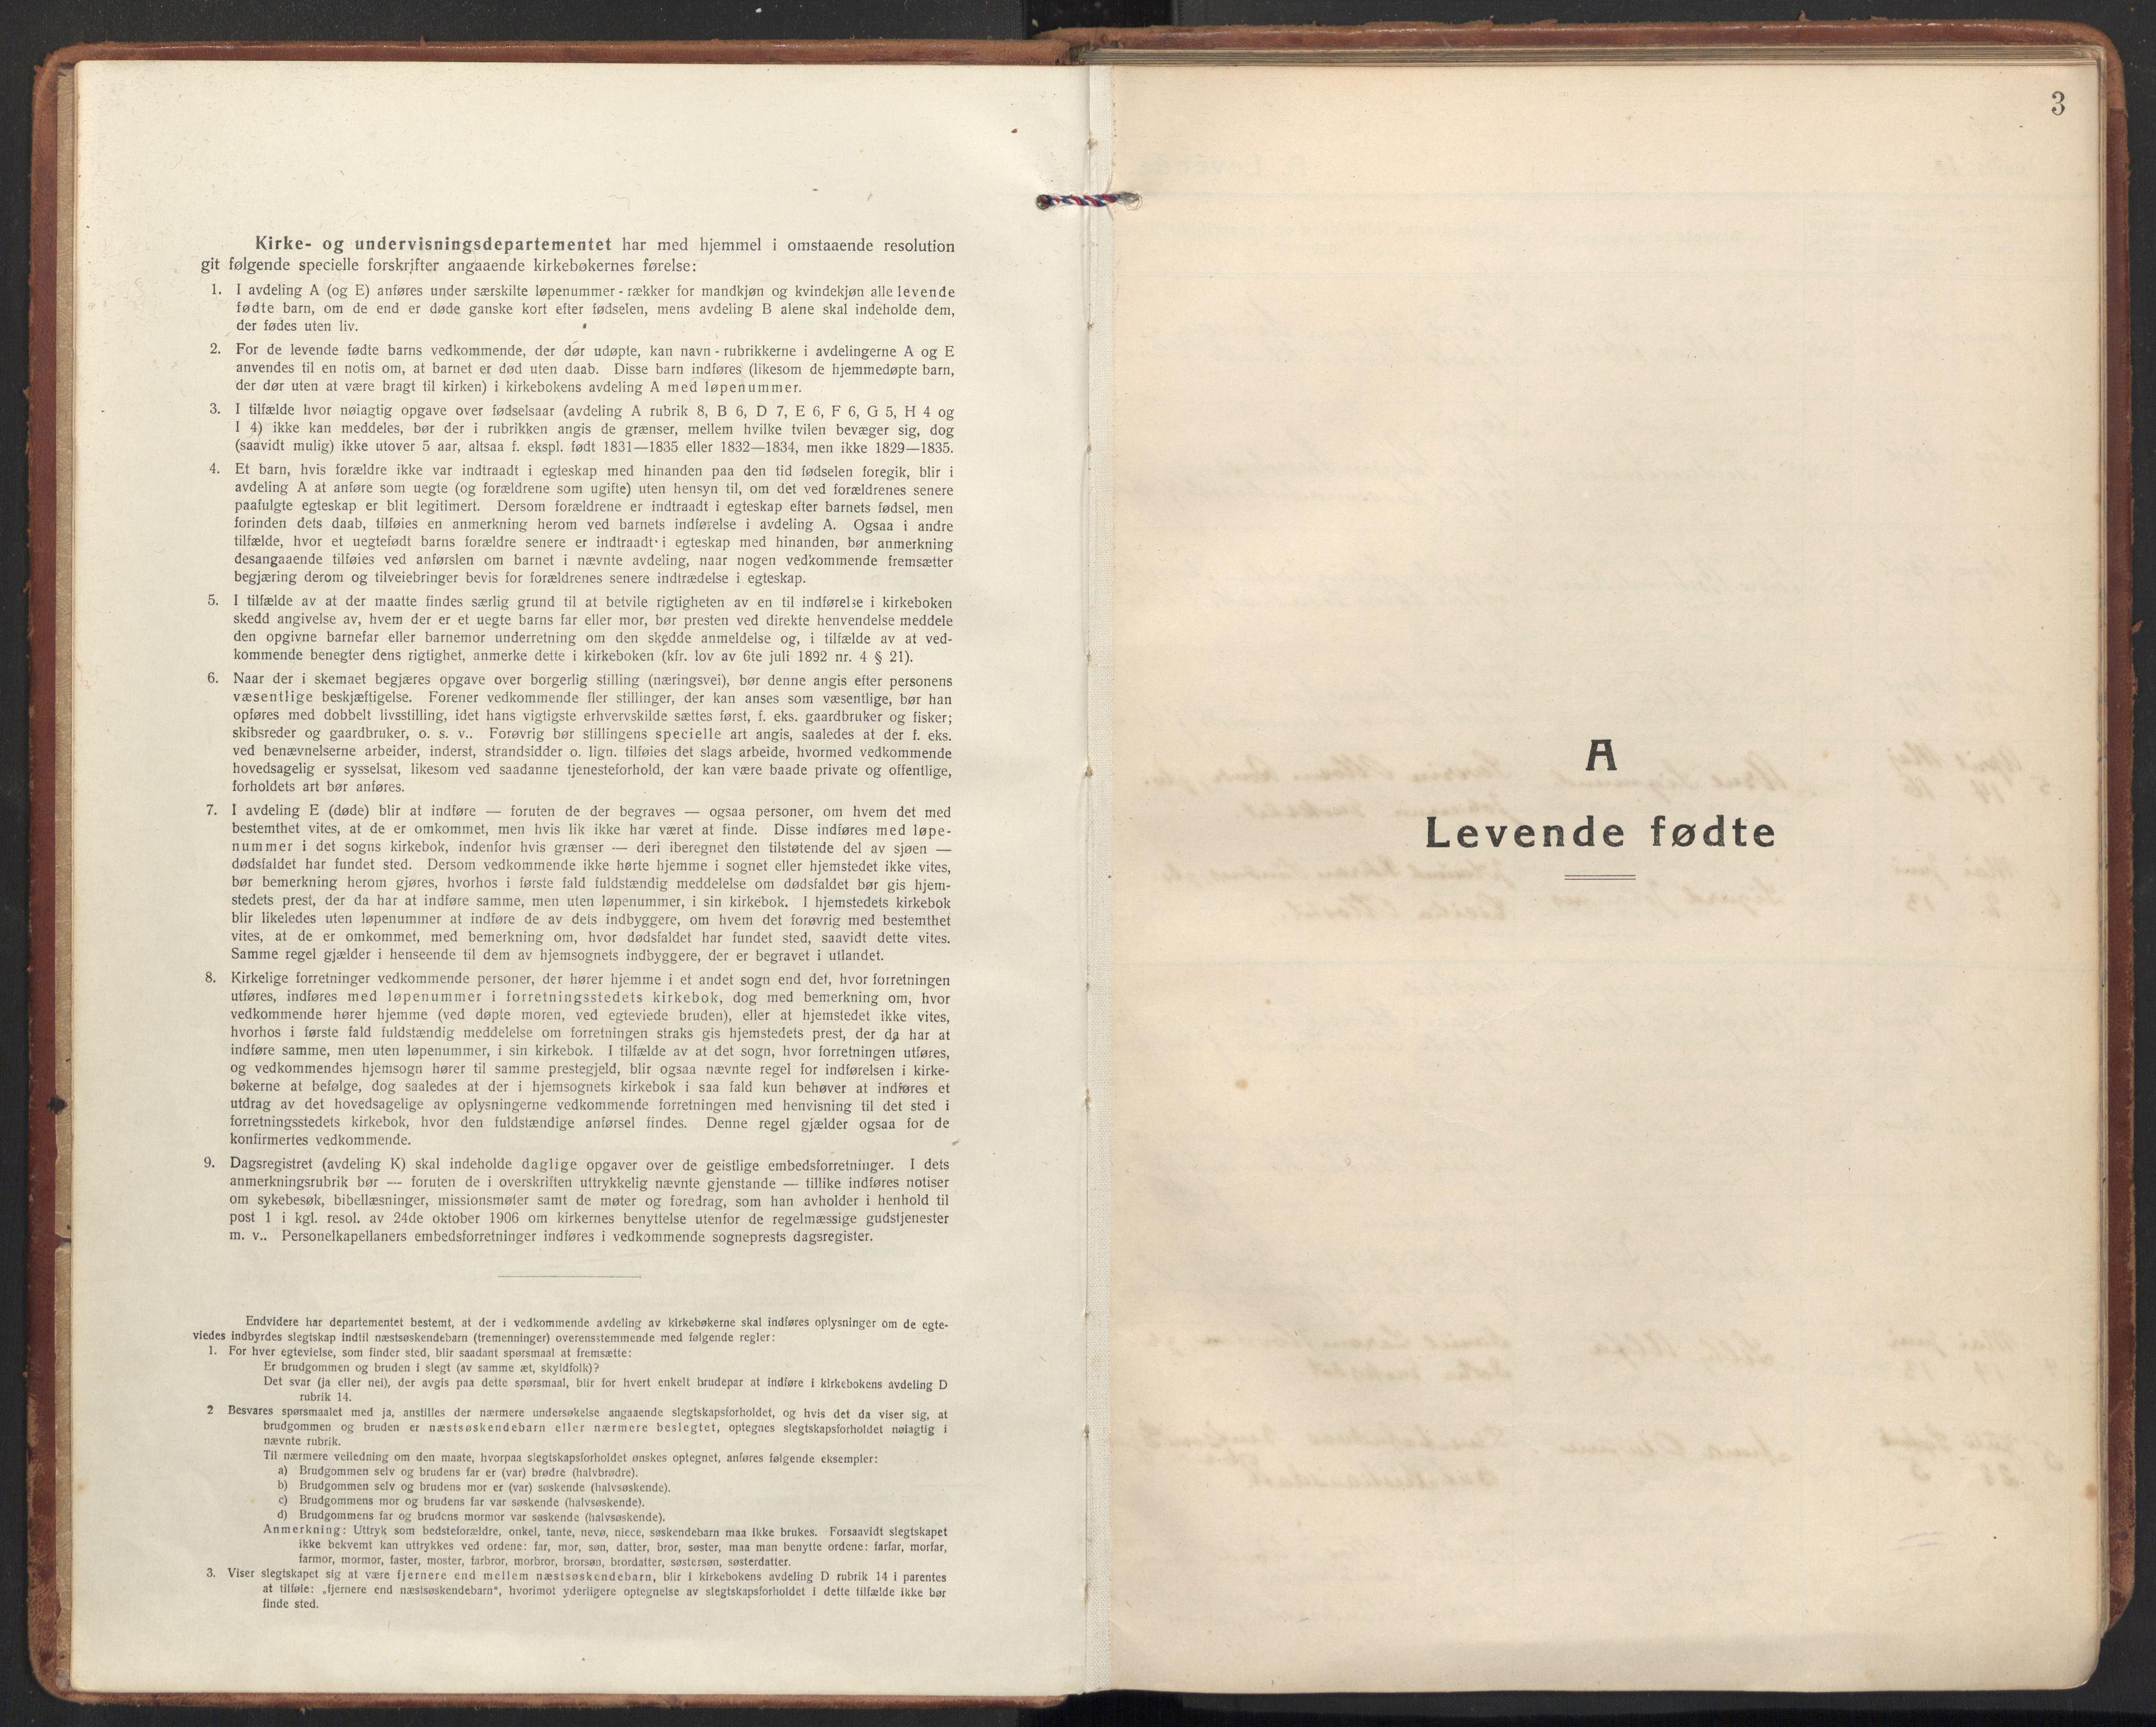 SAT, Ministerialprotokoller, klokkerbøker og fødselsregistre - Møre og Romsdal, 504/L0058: Ministerialbok nr. 504A05, 1920-1940, s. 3